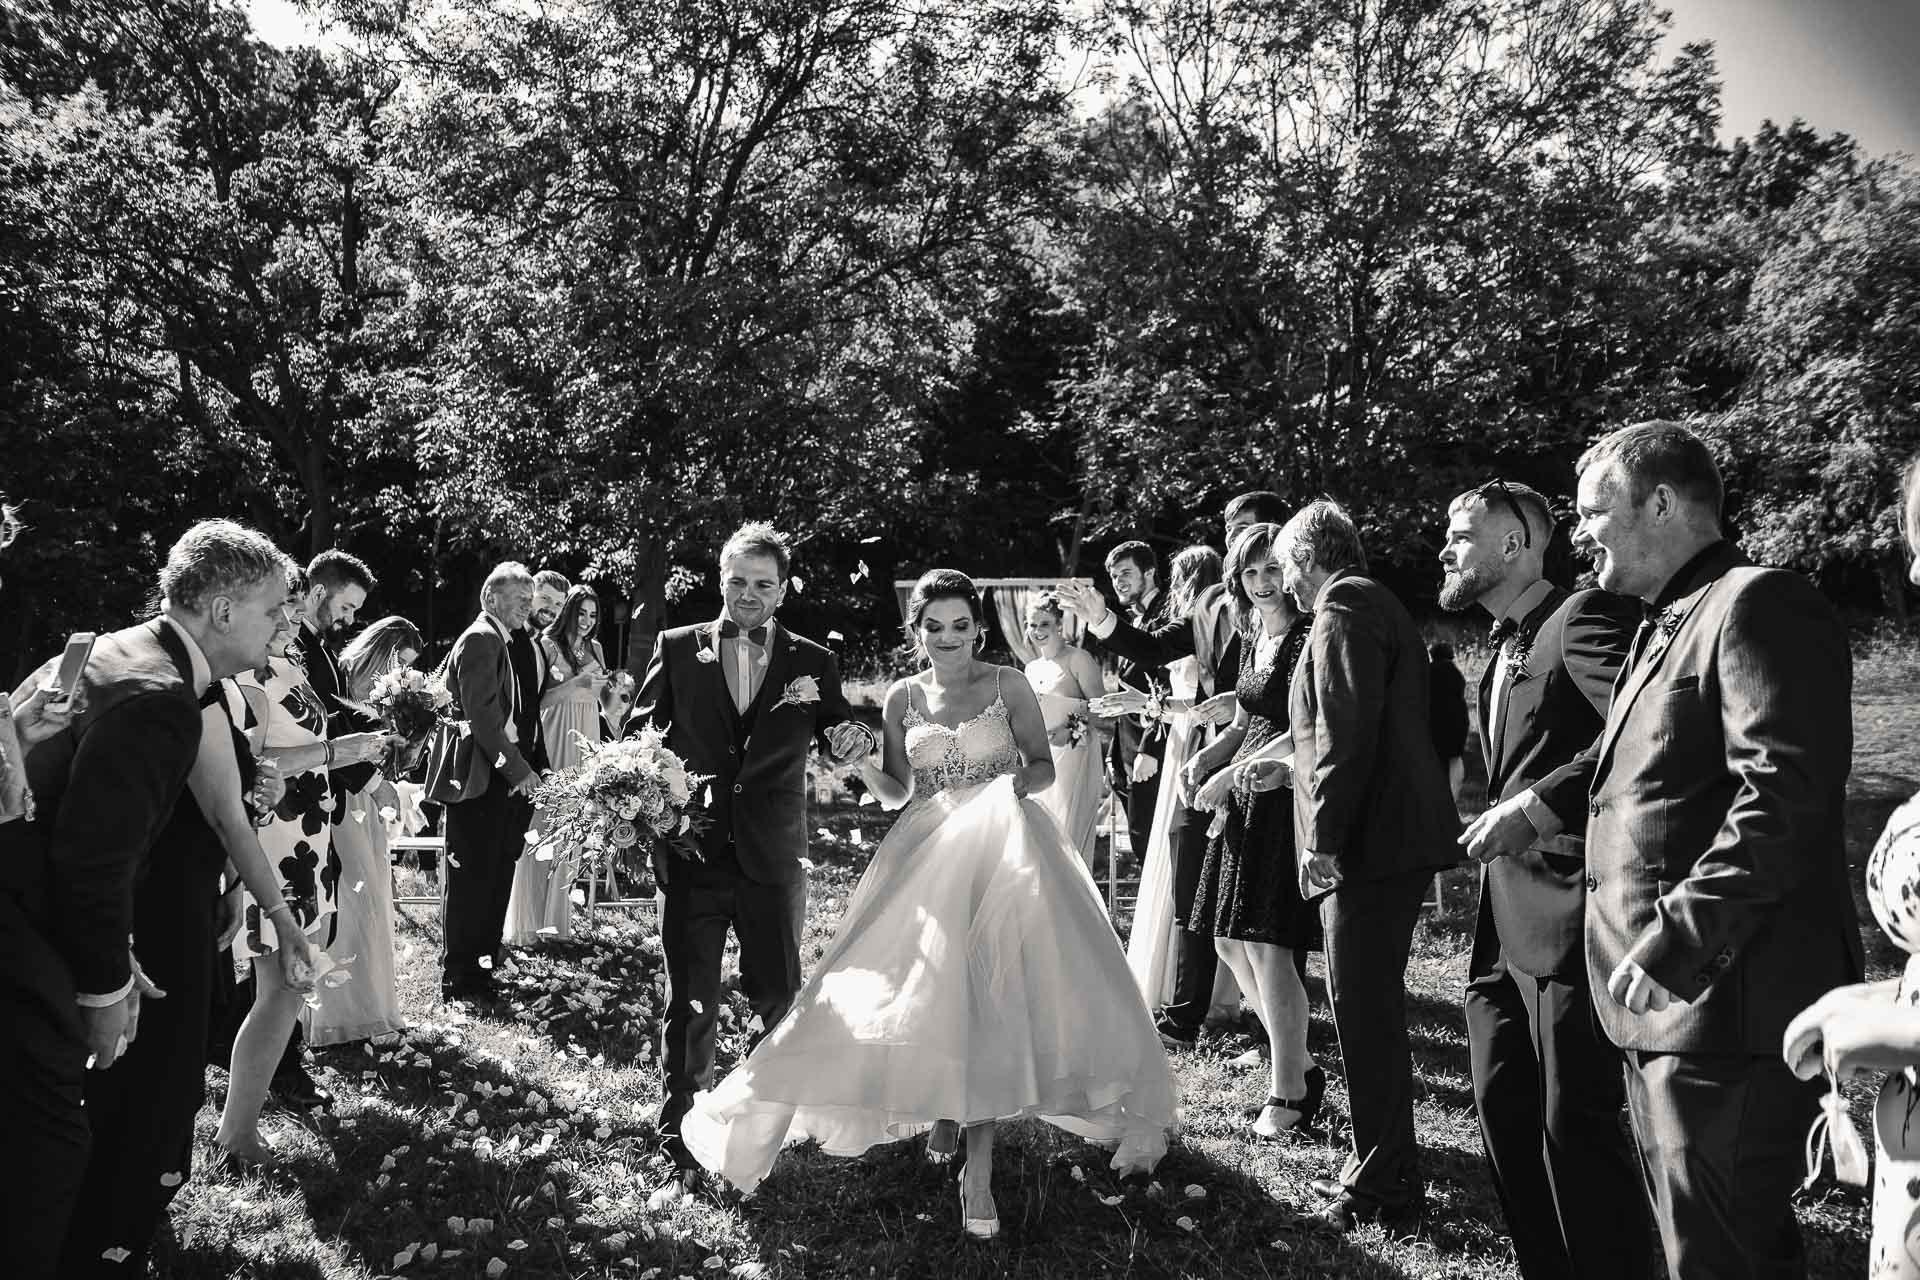 svatební-fotografie-Říp-svatební-video-ŘÍP-svatební-fotograf-ŘÍP-svatba-Mělník-svatba-Neratovice-fotograf-na-savtbu-kameraman-na-svatbu-146